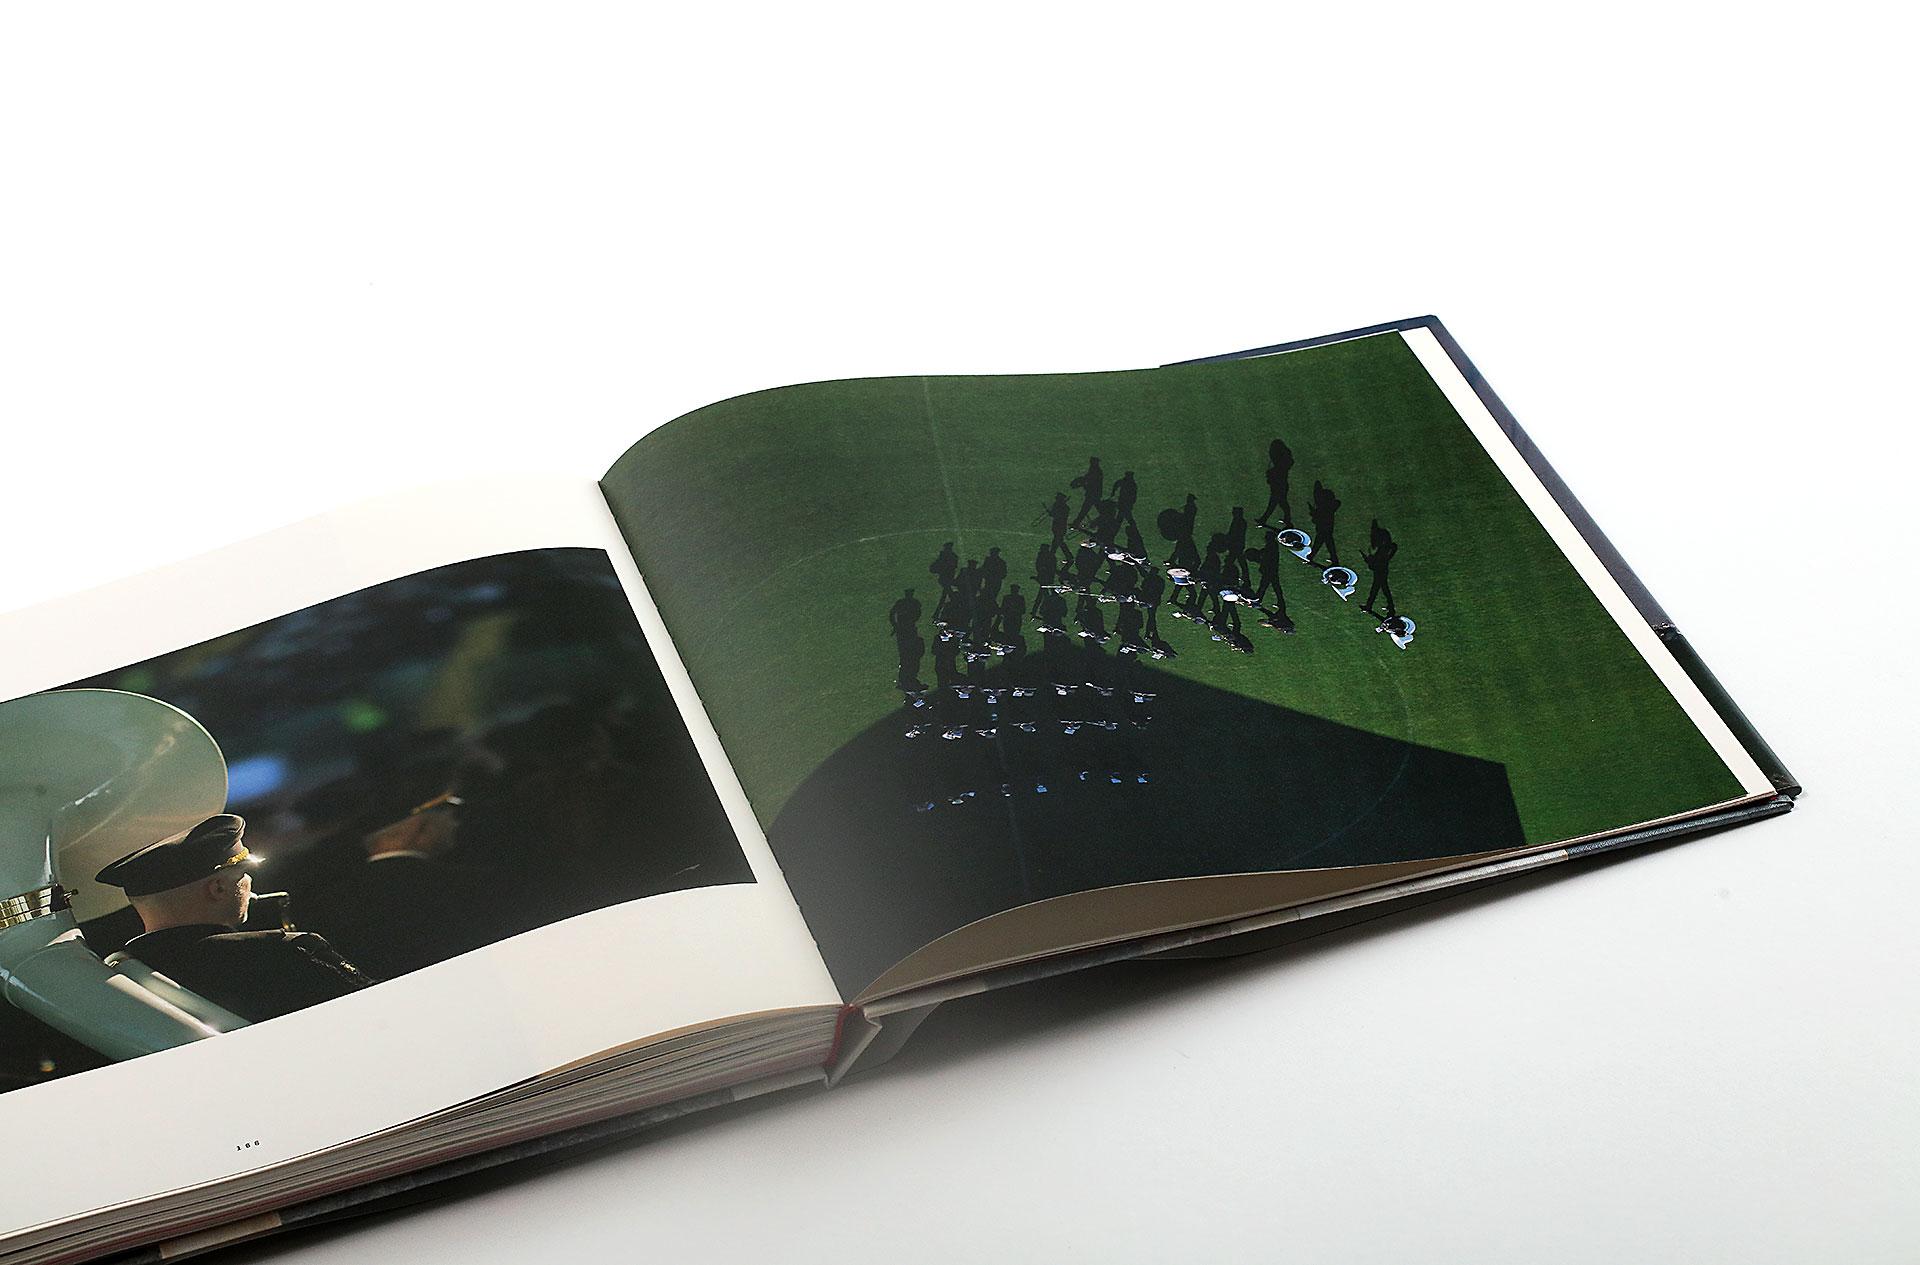 knjiga_velenje_marko_marinsek_ma-ma-studio_8